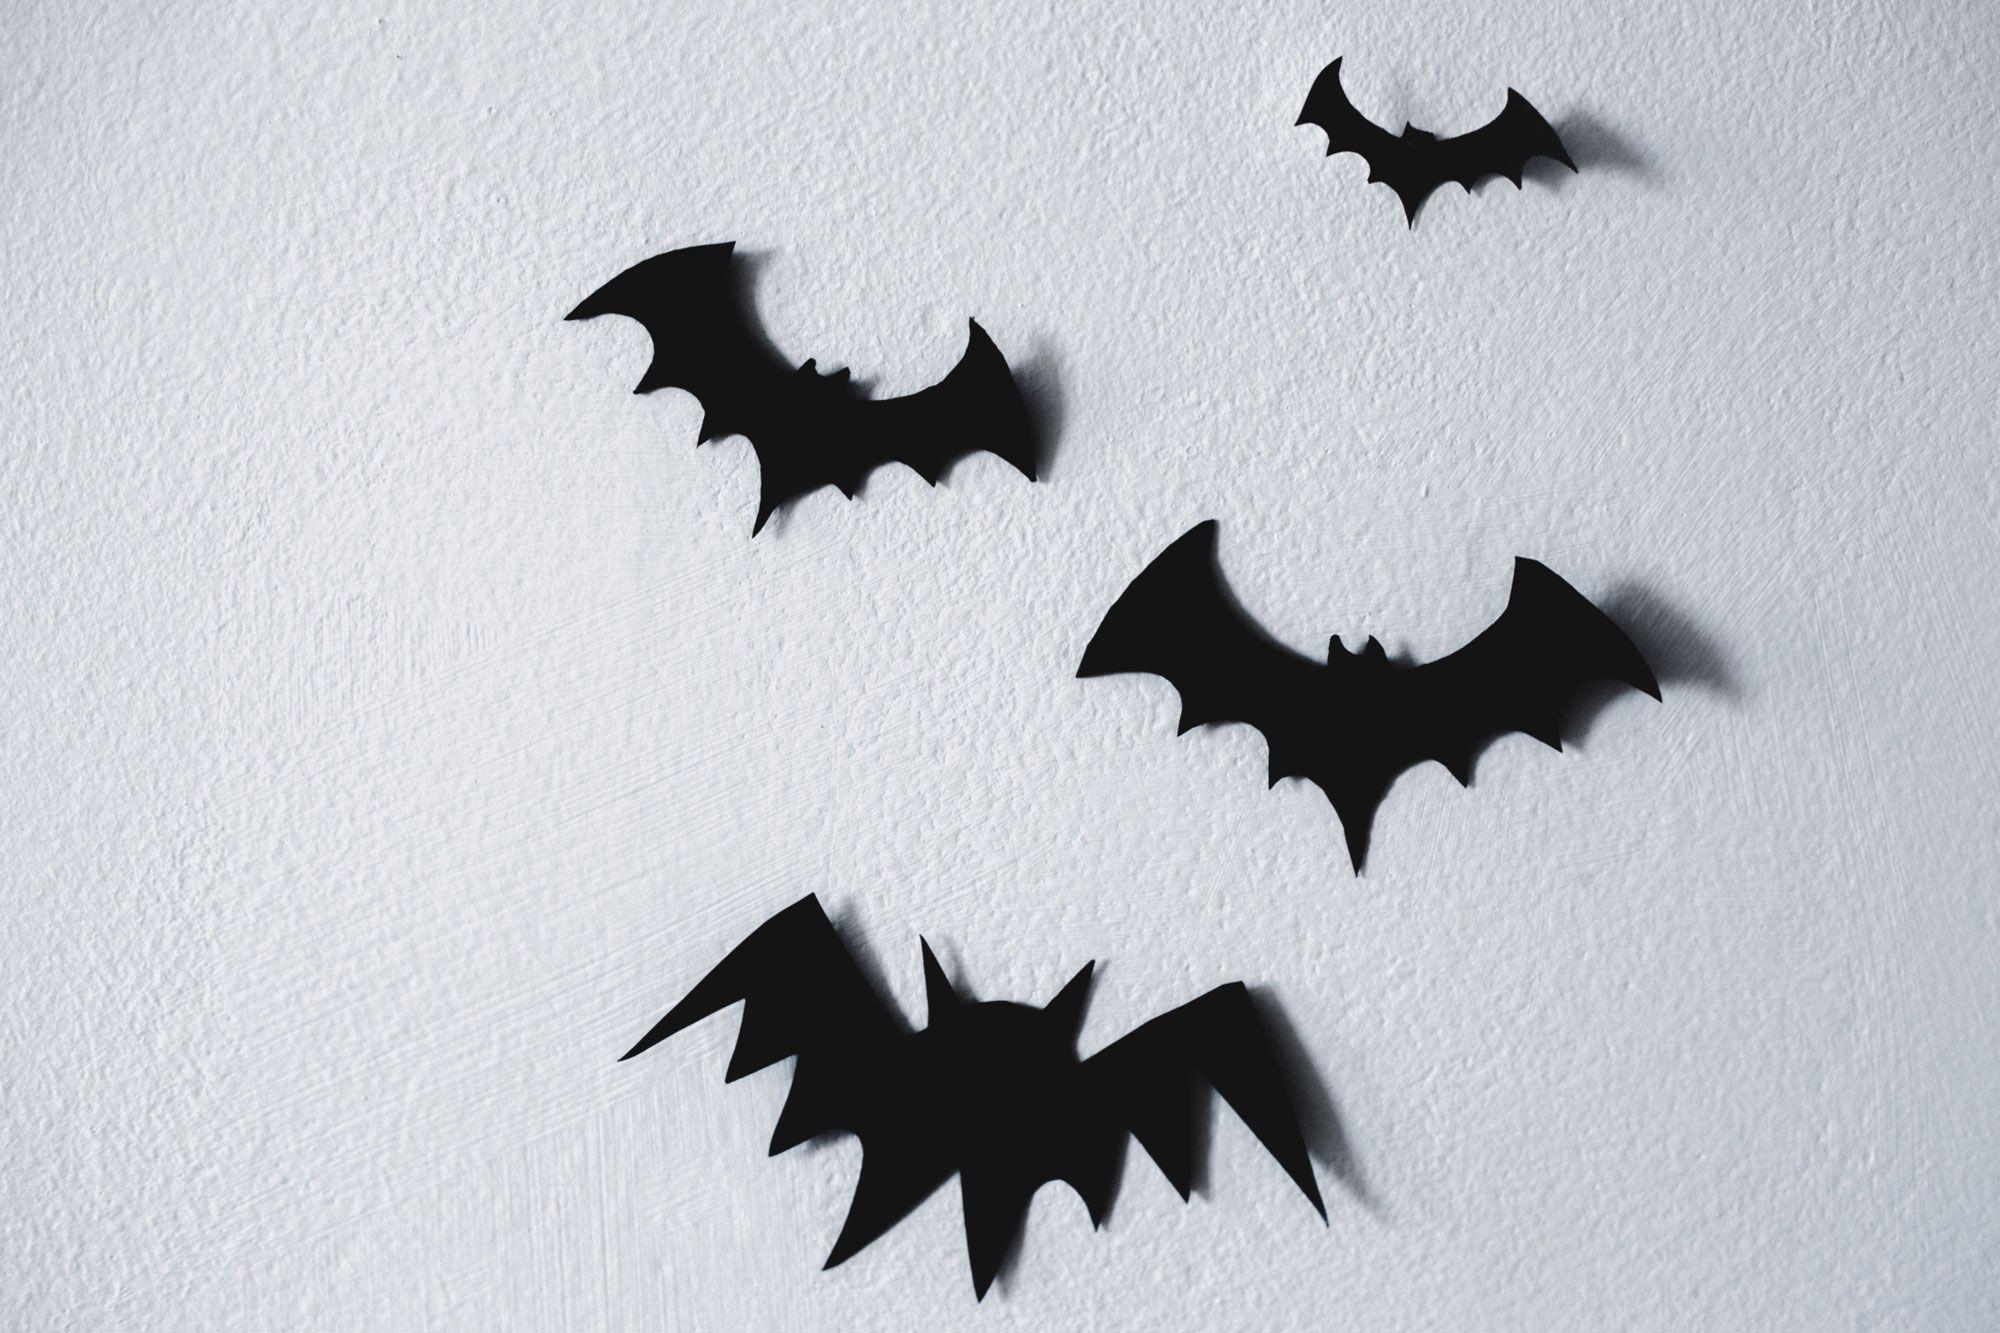 Des chauves-souris pour décorer le mur d'Halloween